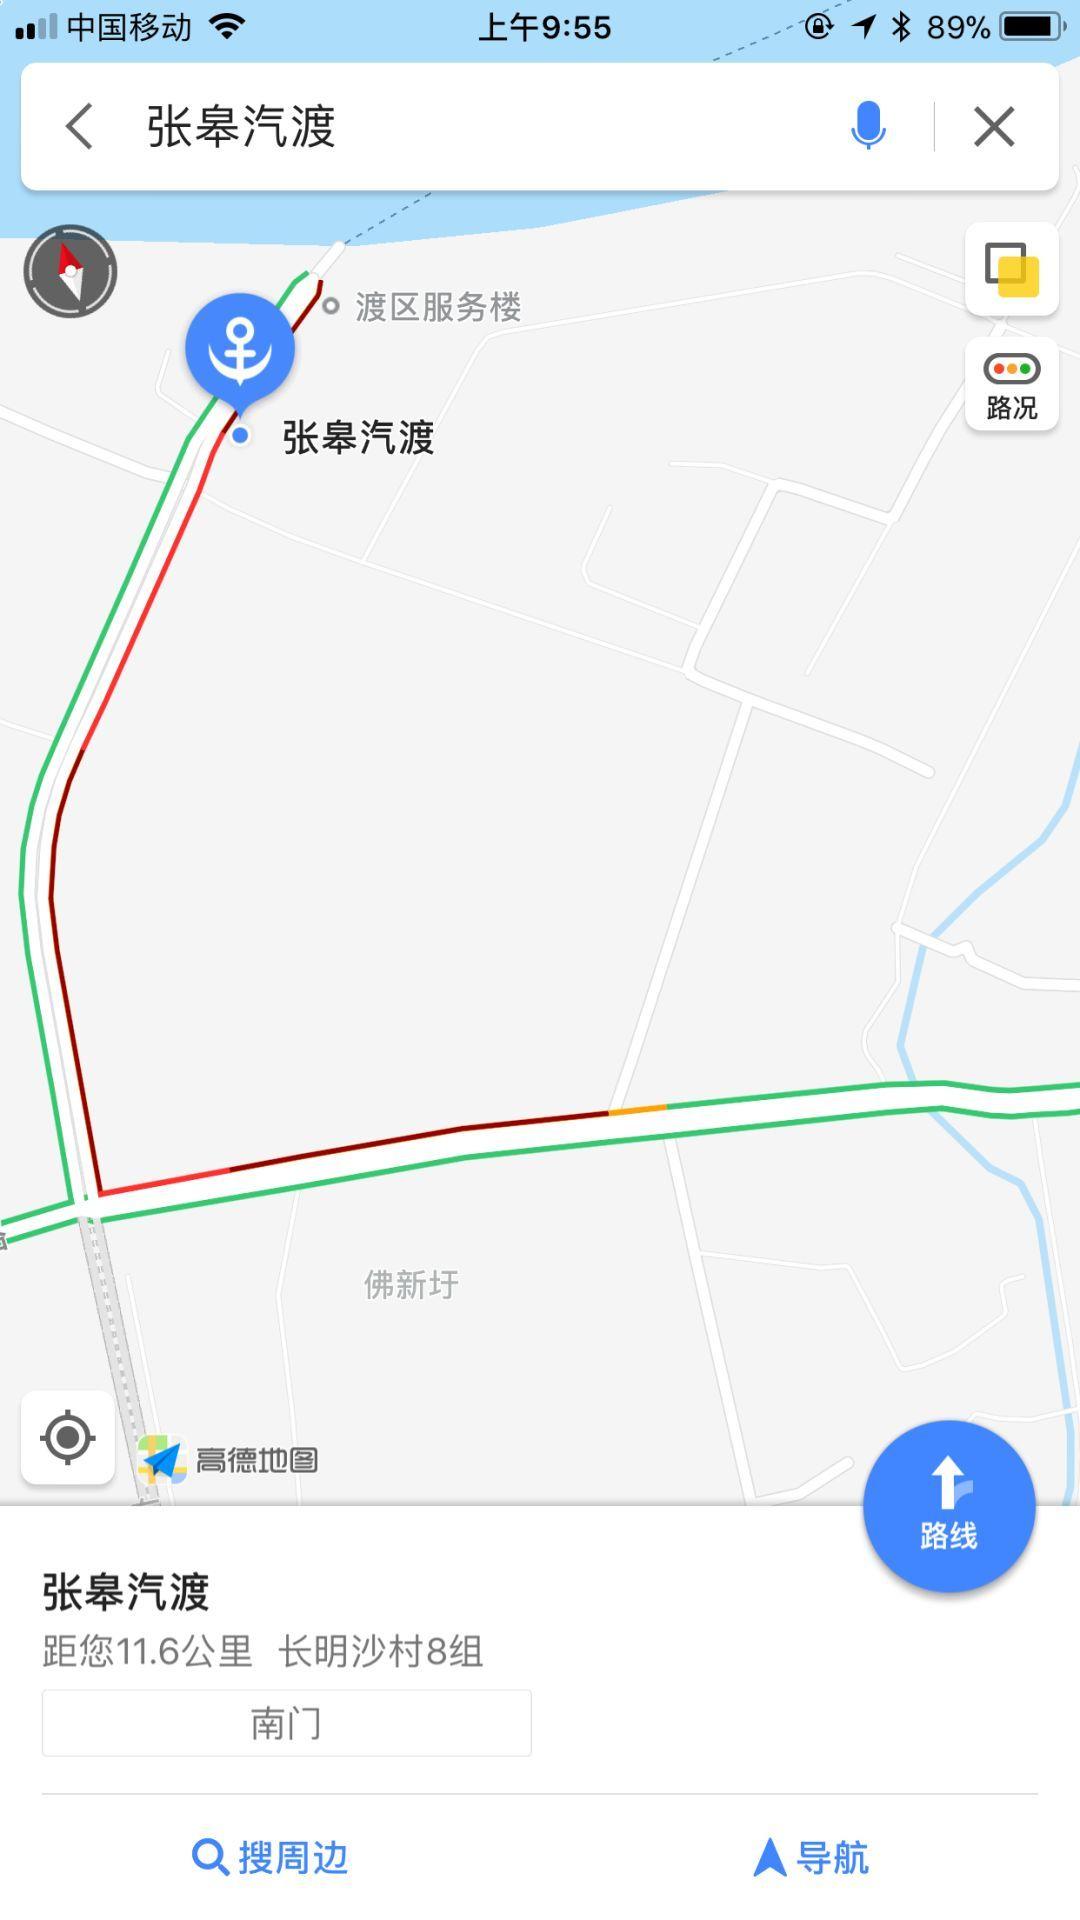 (来源:苏州交通广播实时路况) 目前张皋汽渡周边路段还是呈现拥堵